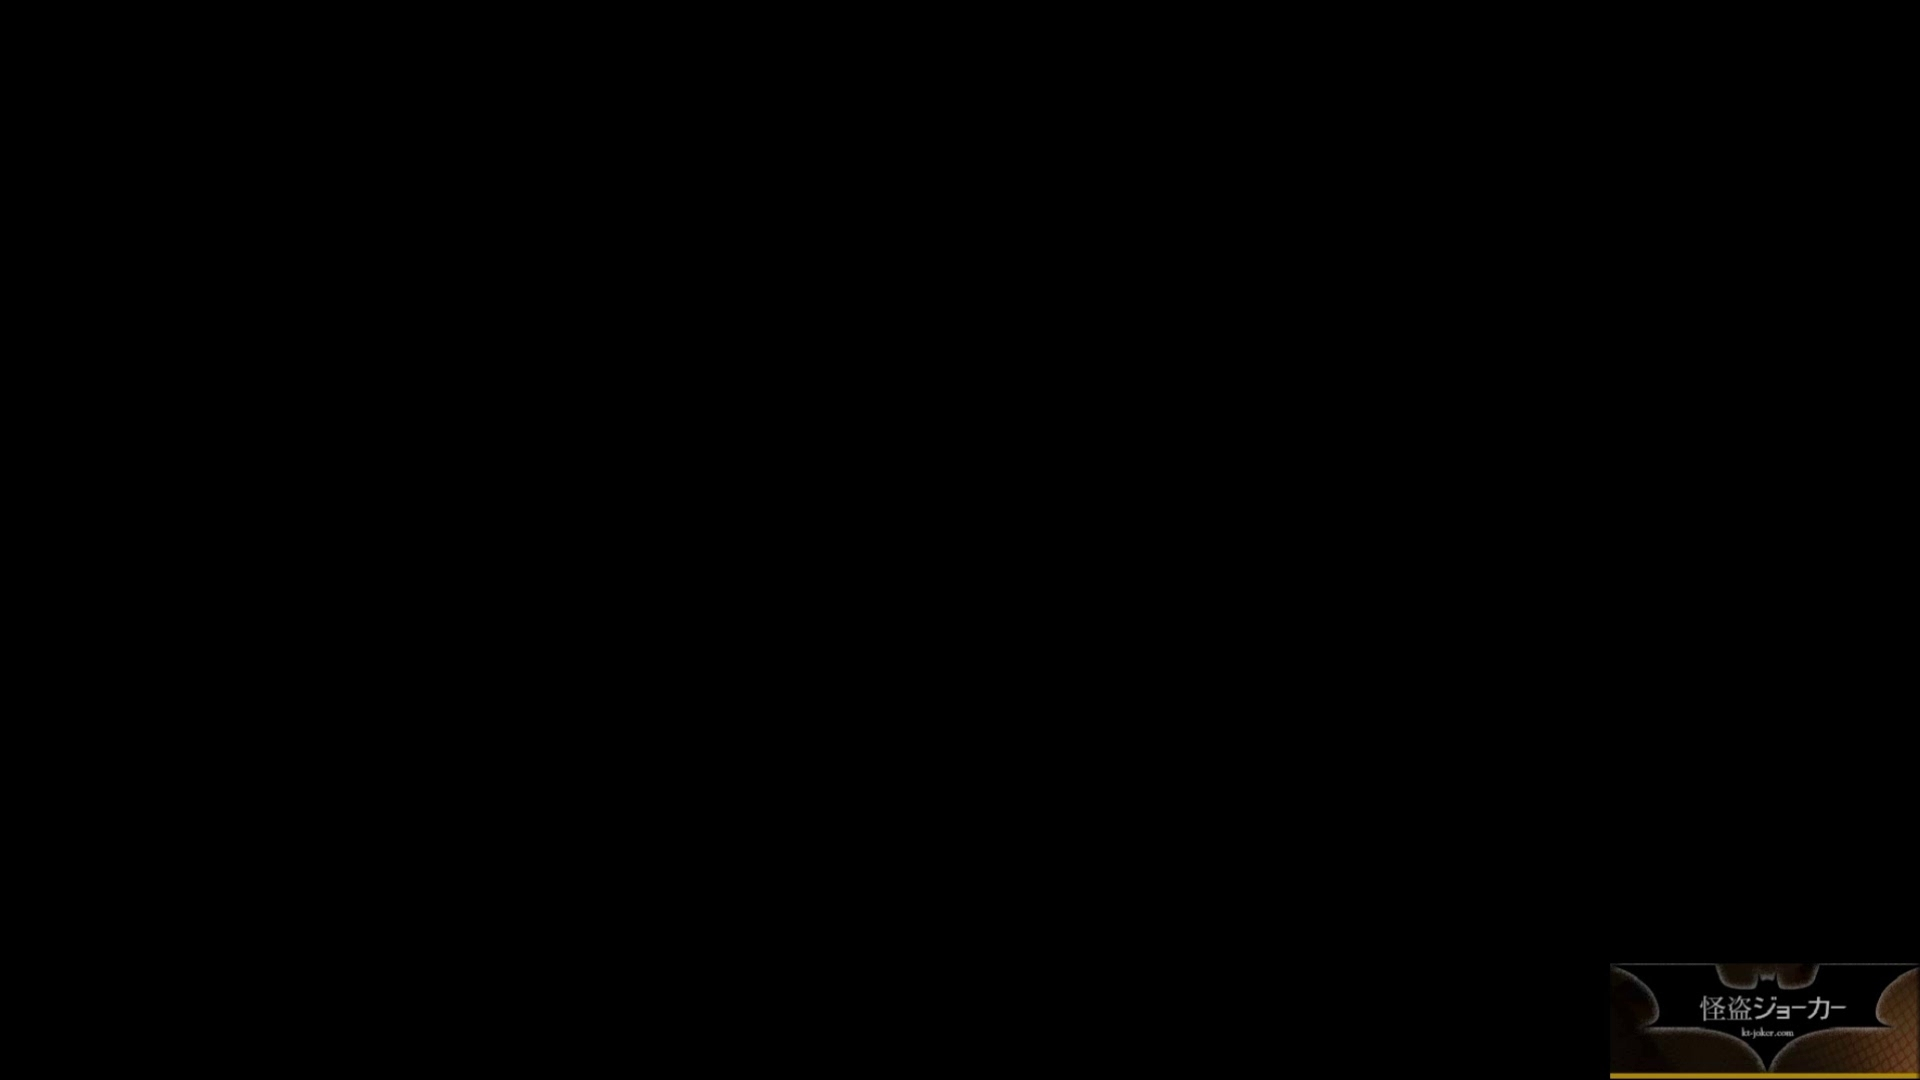 【未公開】vol.26 葵に群がる男たち。。。 いじくり すけべAV動画紹介 86画像 25